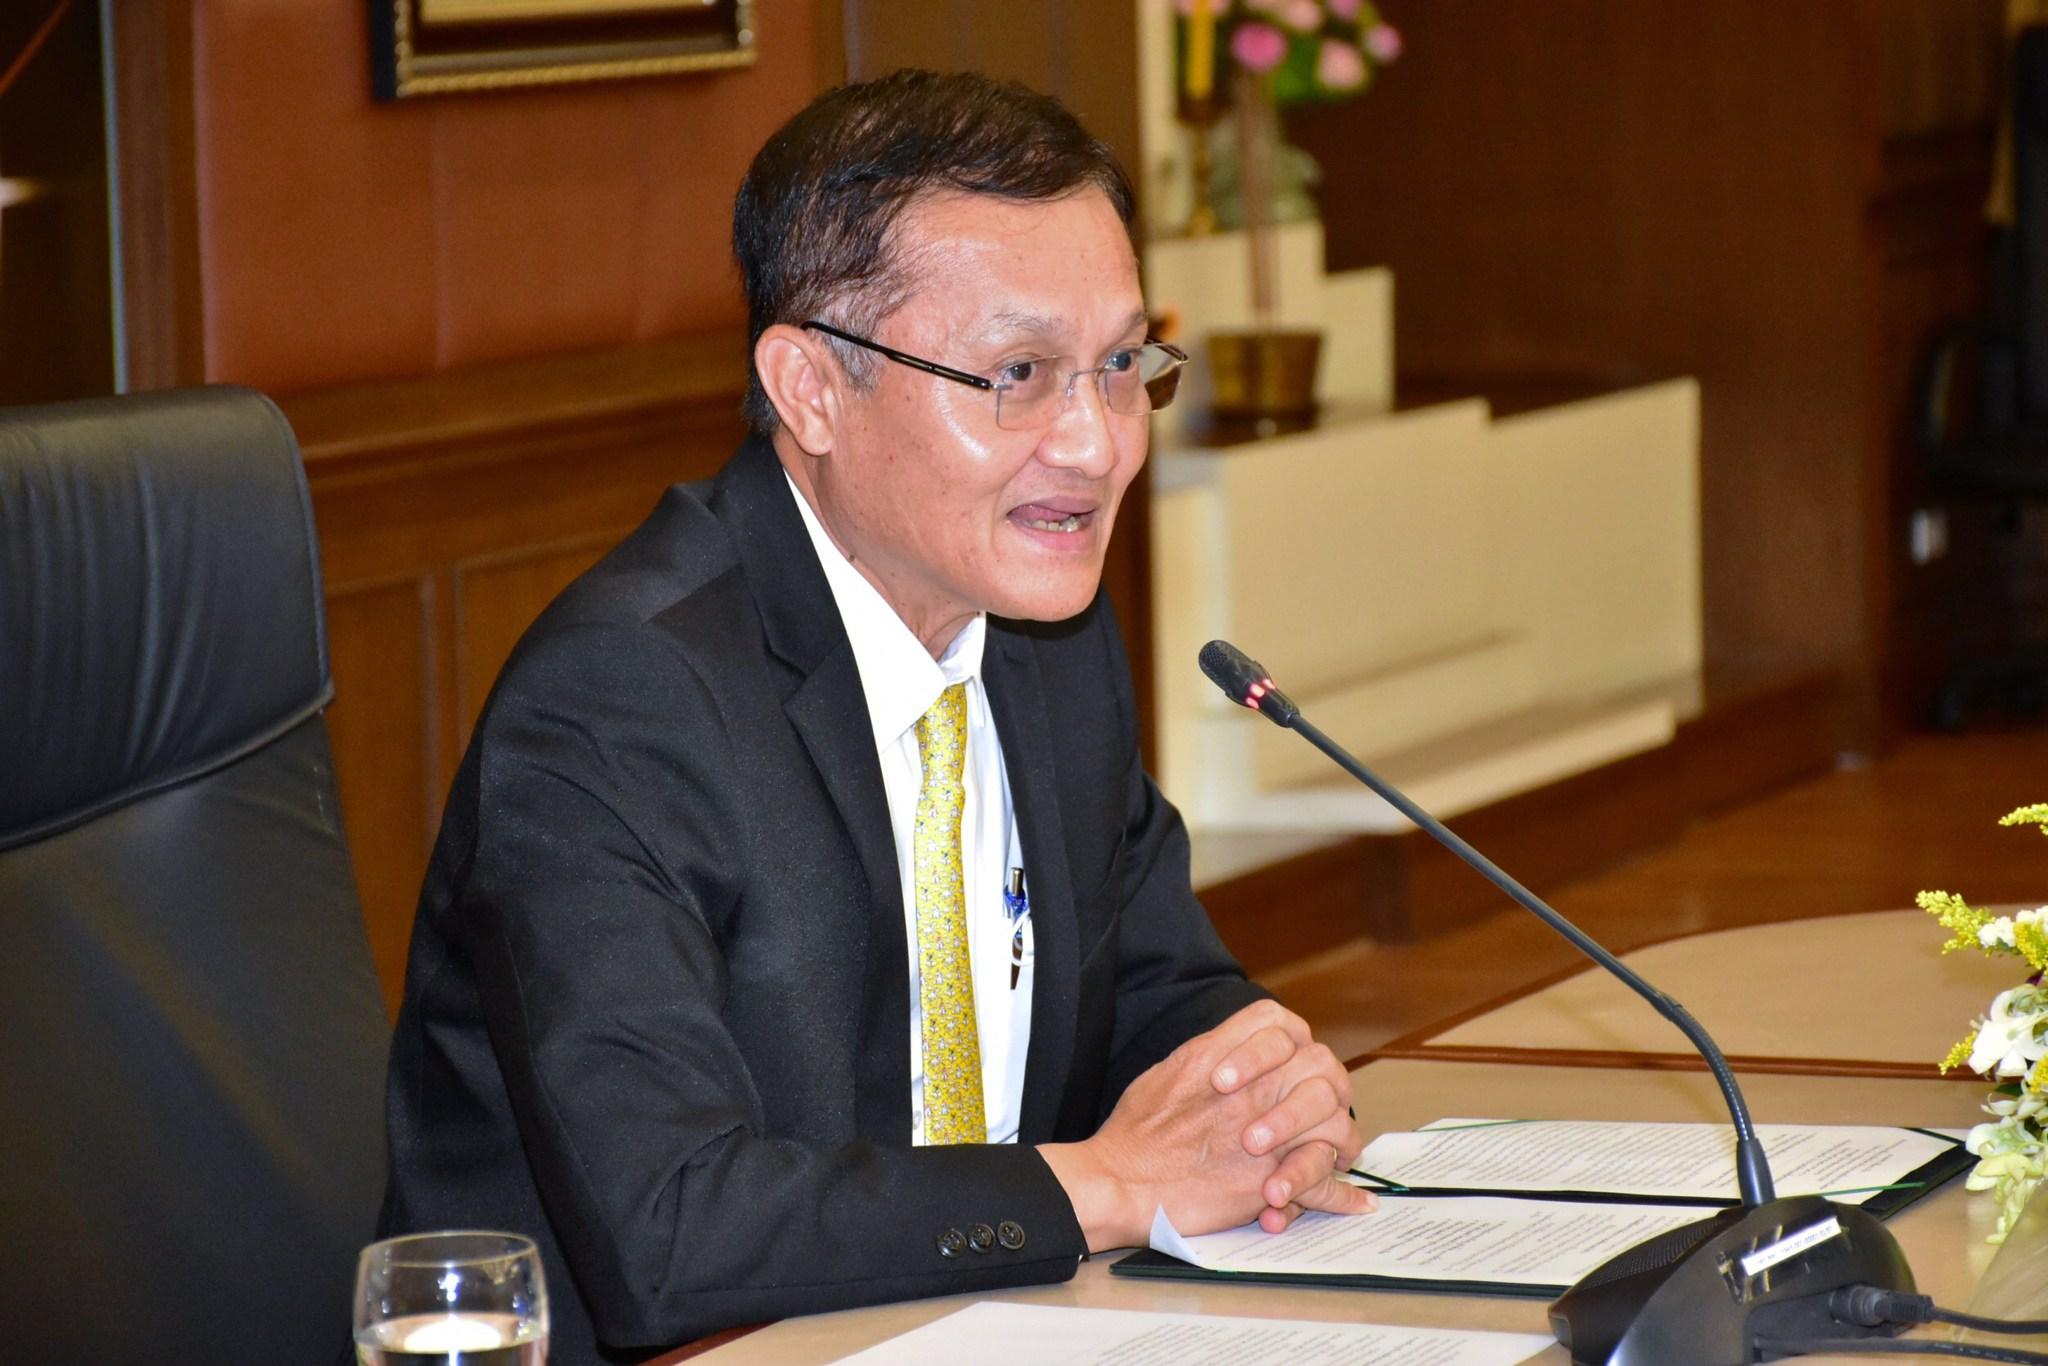 ผู้ตรวจราชการกรม กรมการจัดหางาน ร่วมประชุมแถลงเตรียมจัดพิธีมอบรางวัล Thailand Labour Management Excellence Award 2020